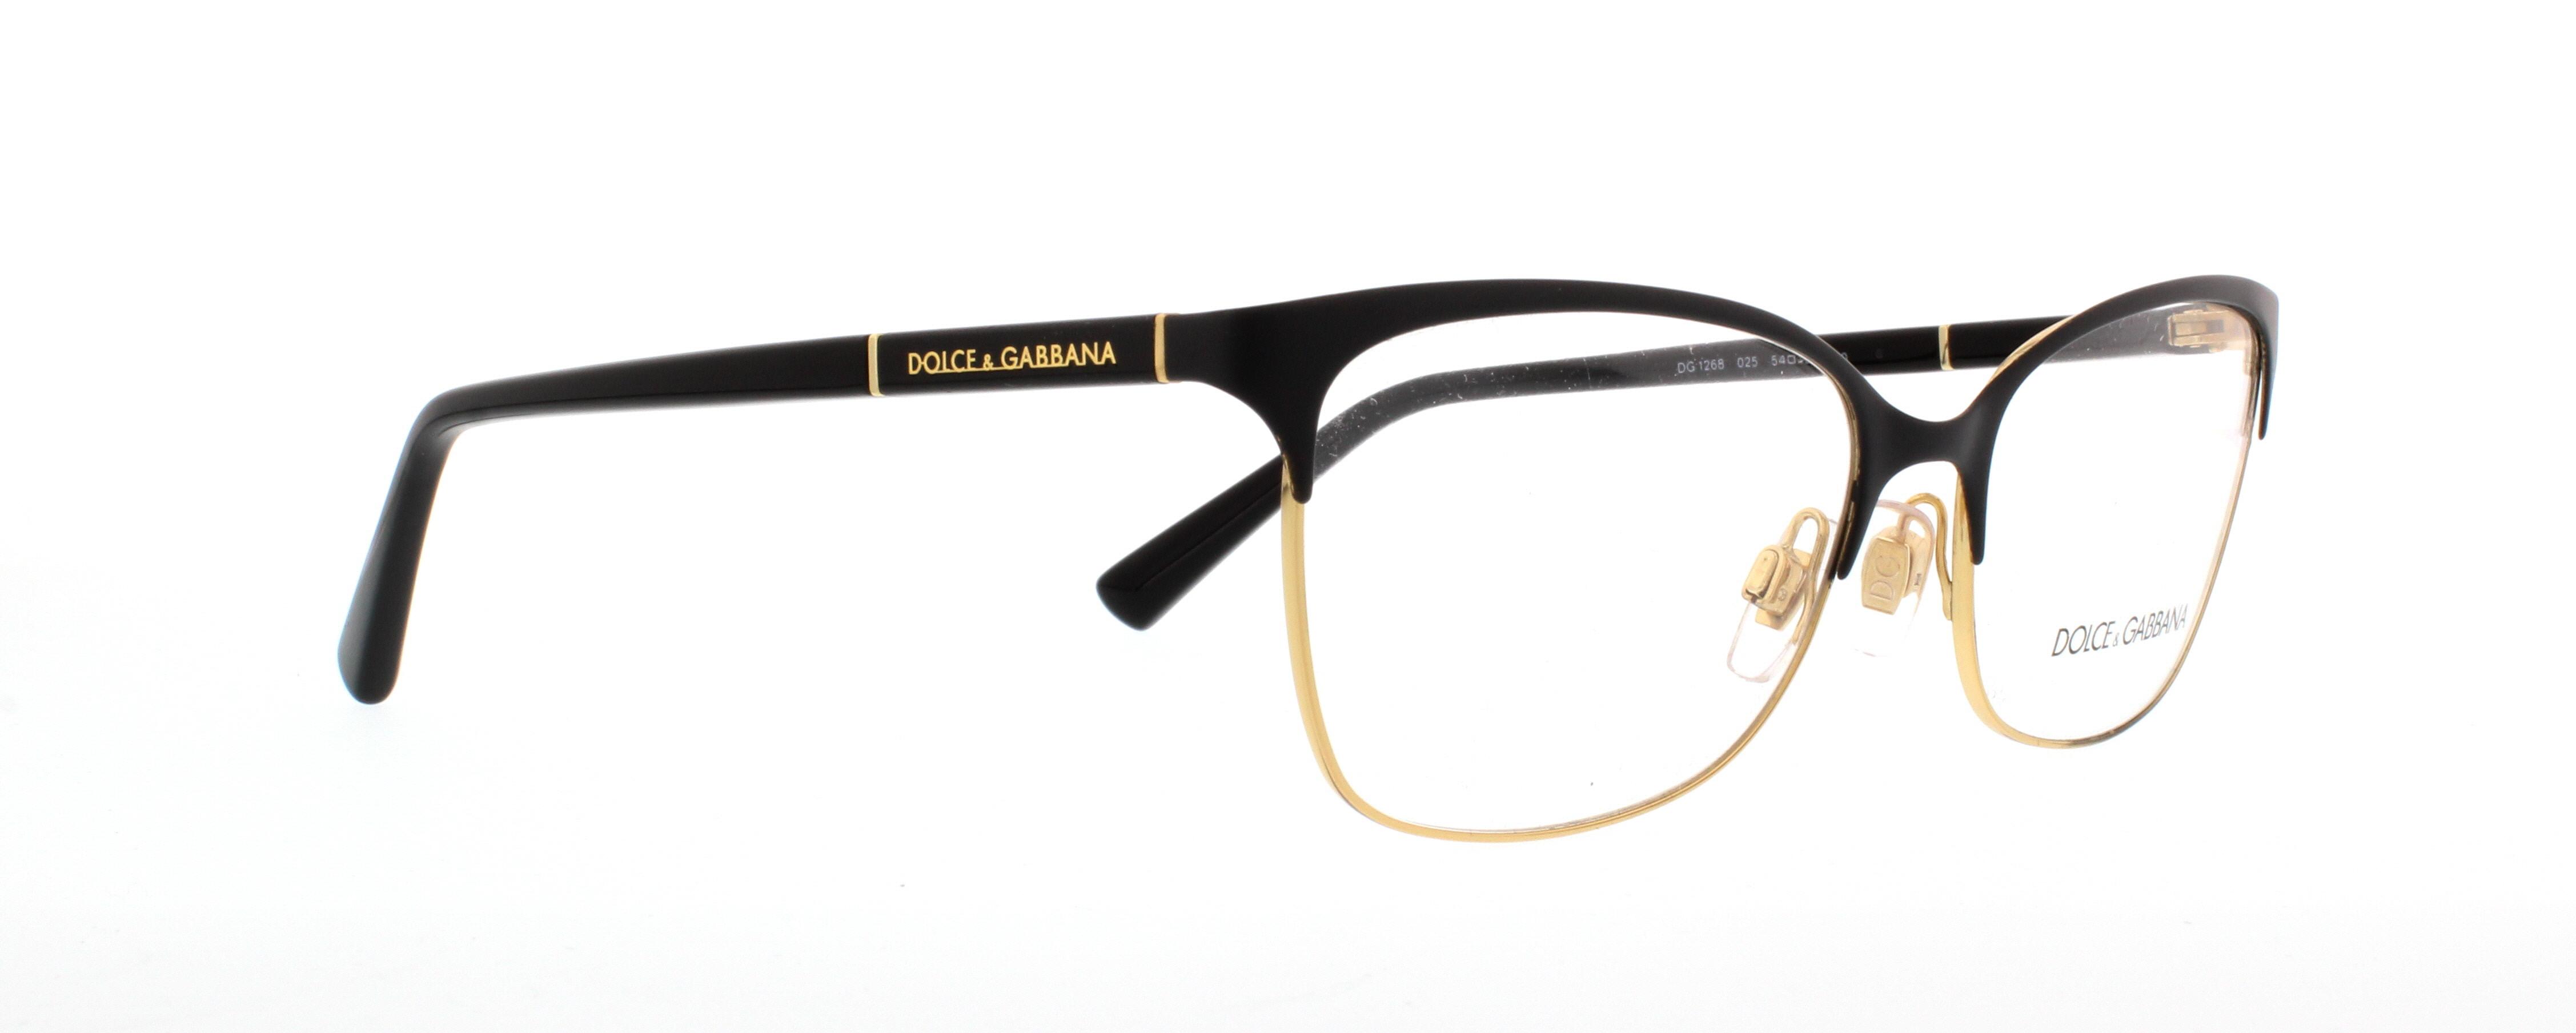 00cf0eb6819 Designer Frames Outlet. Dolce   Gabbana DG1268